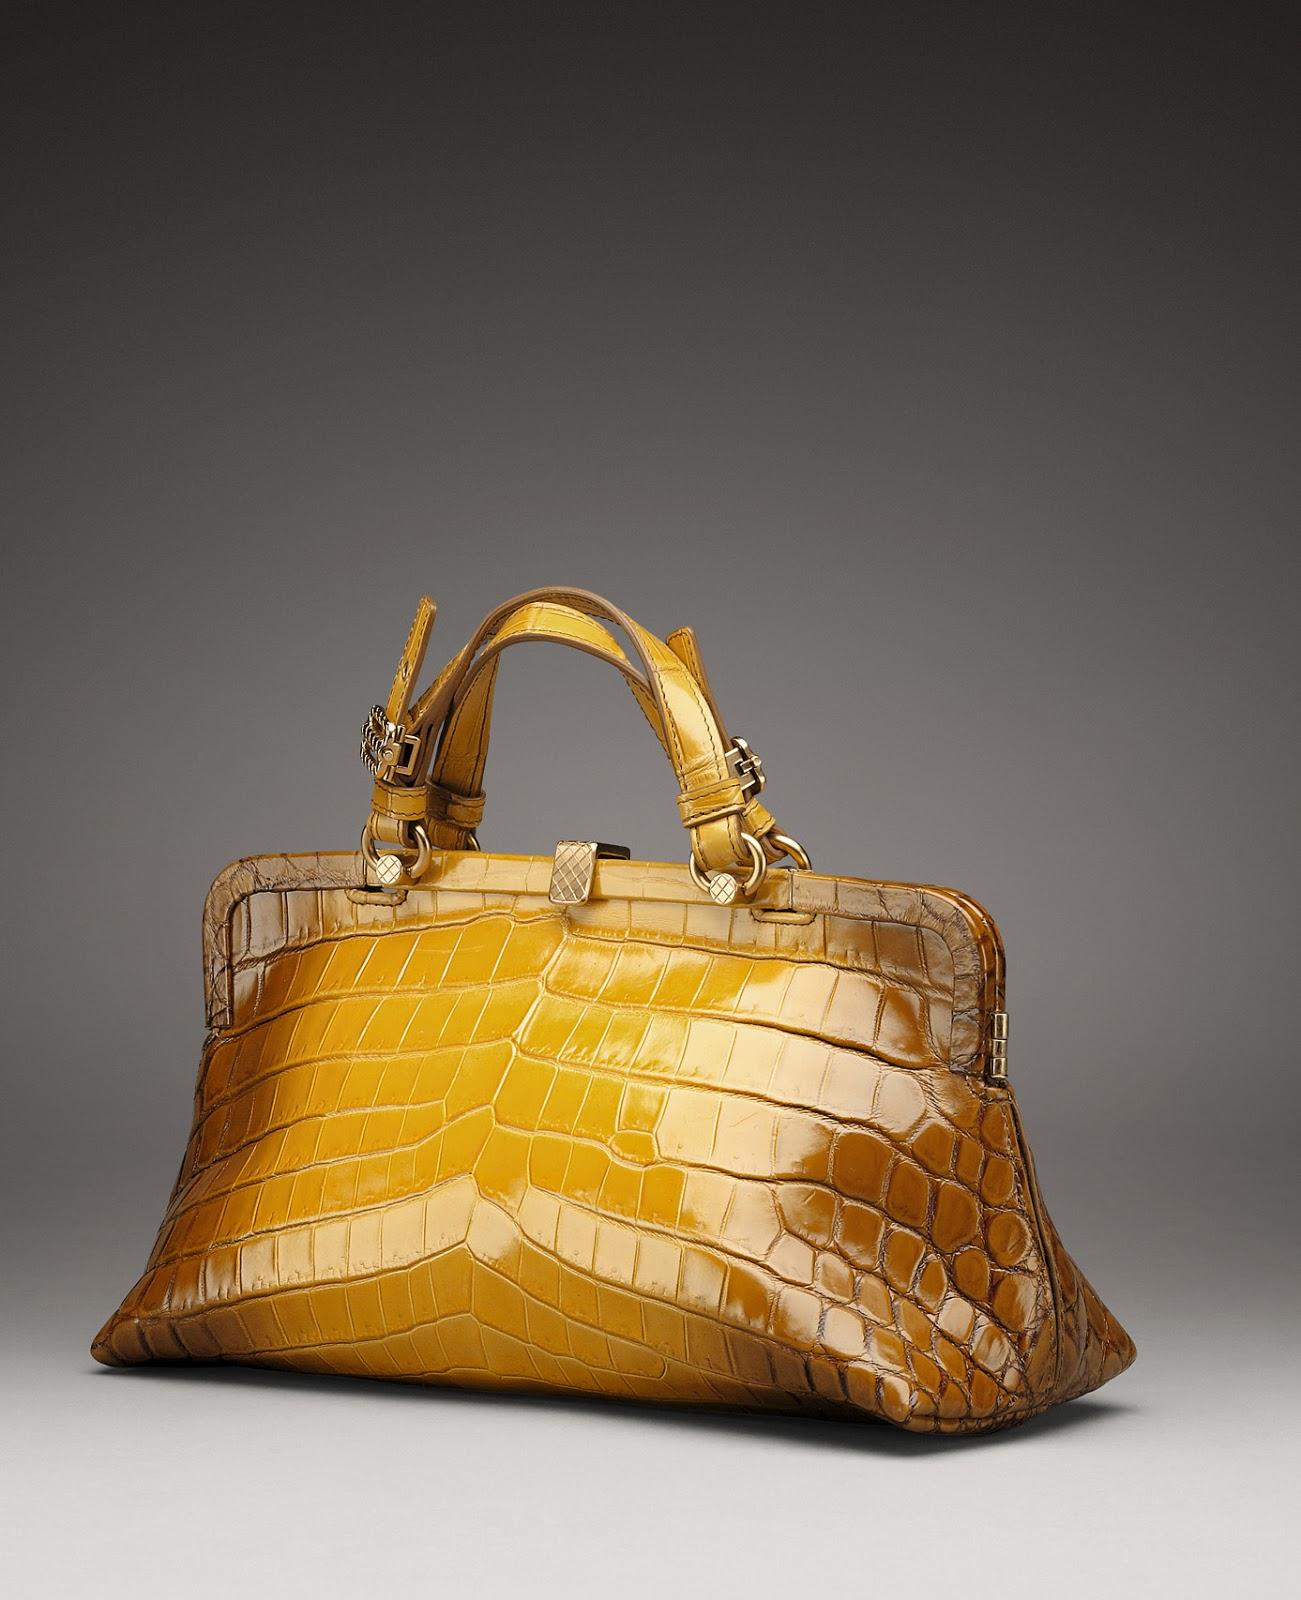 Bottega Veneta - мужская и женская одежда, обувь, сумки